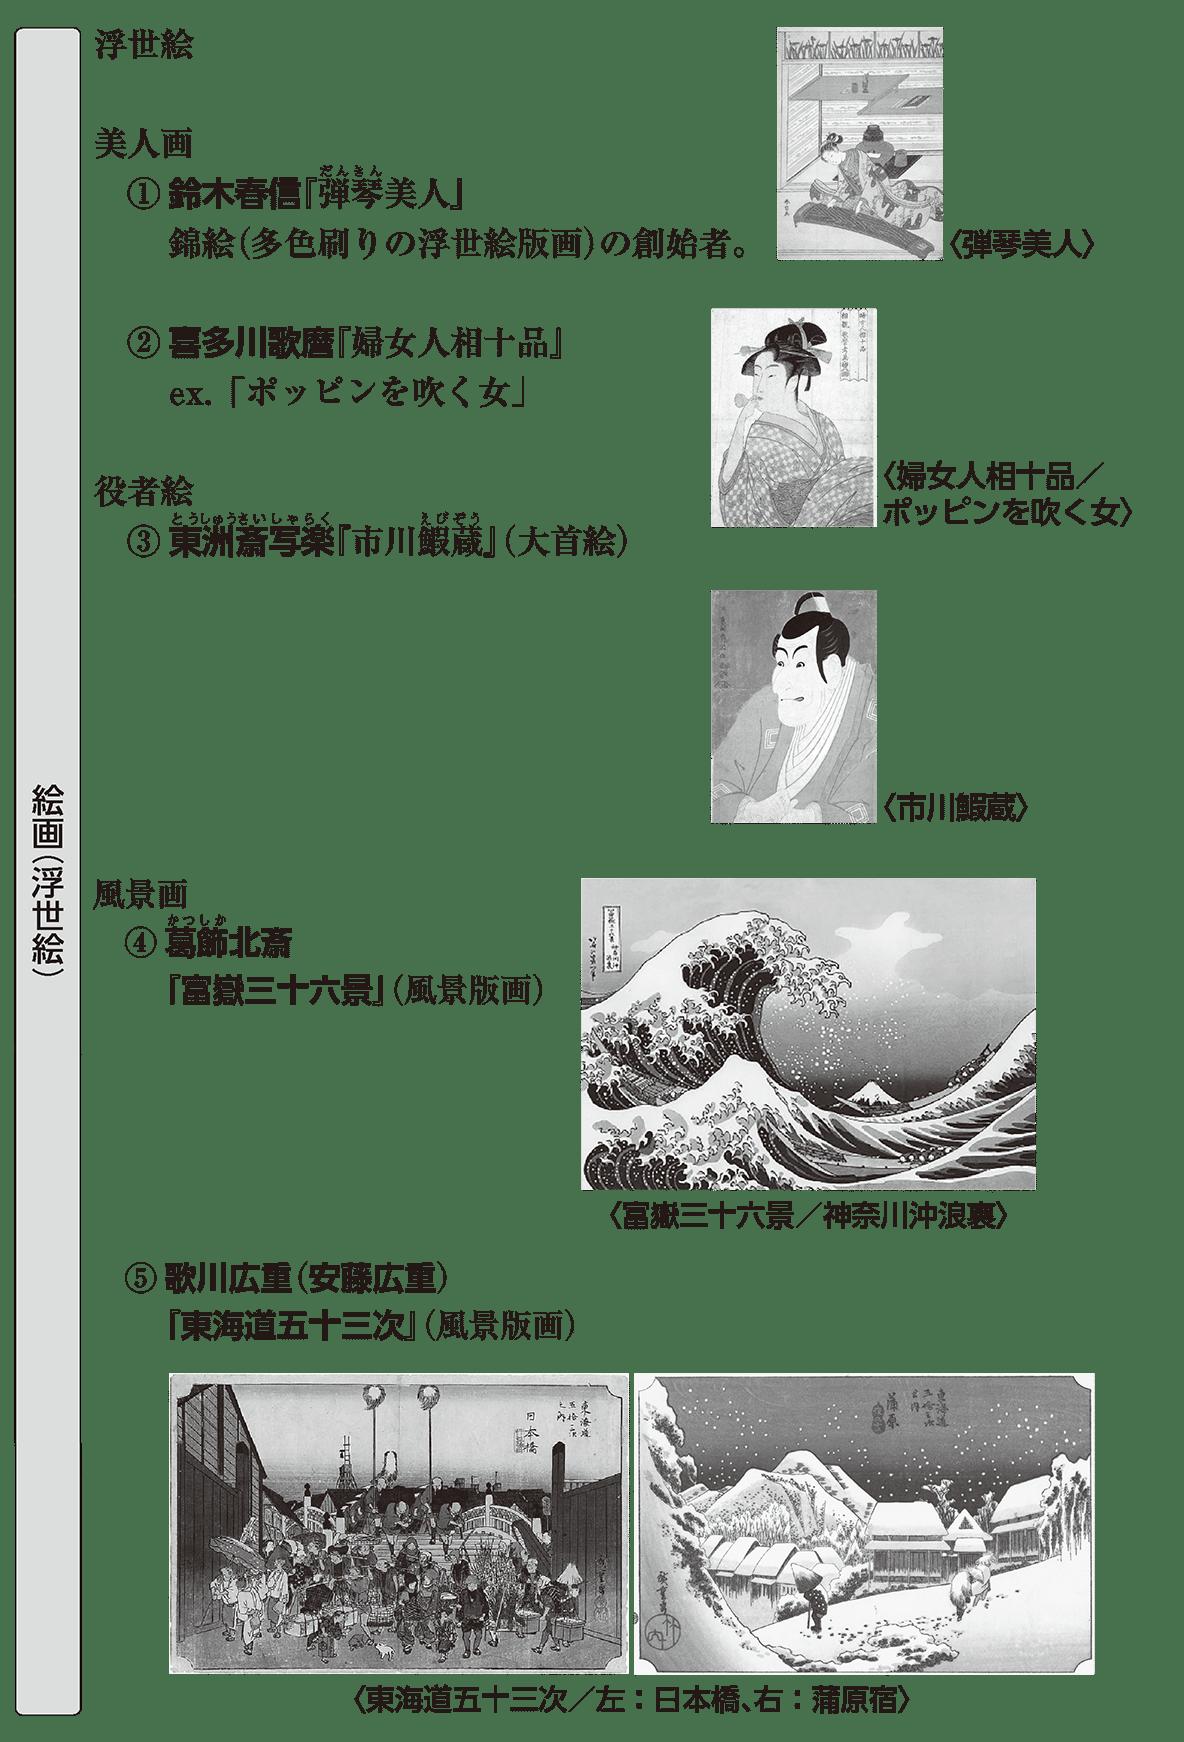 近世の文化13 ポイント2 絵画(浮世絵)